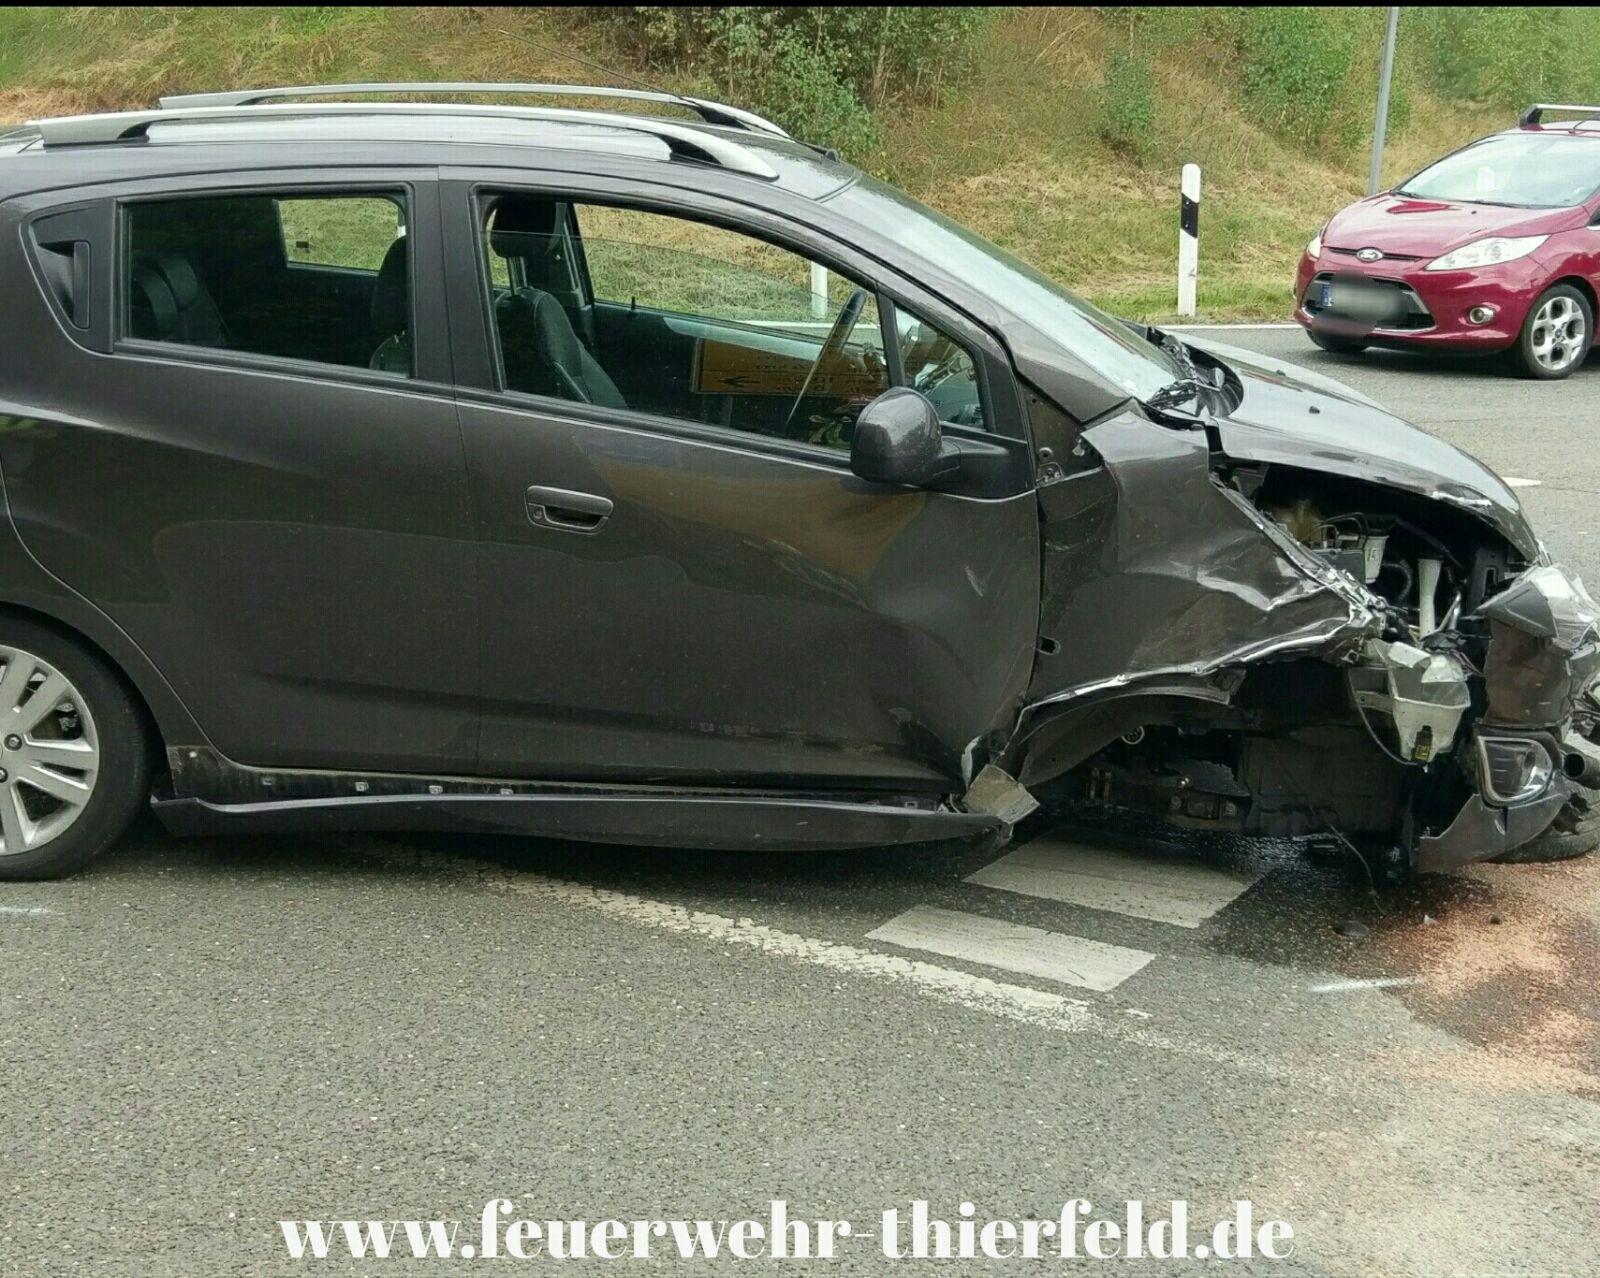 Einsatz 14: Verkehrsunfall mit auslaufenden Betriebsmitteln